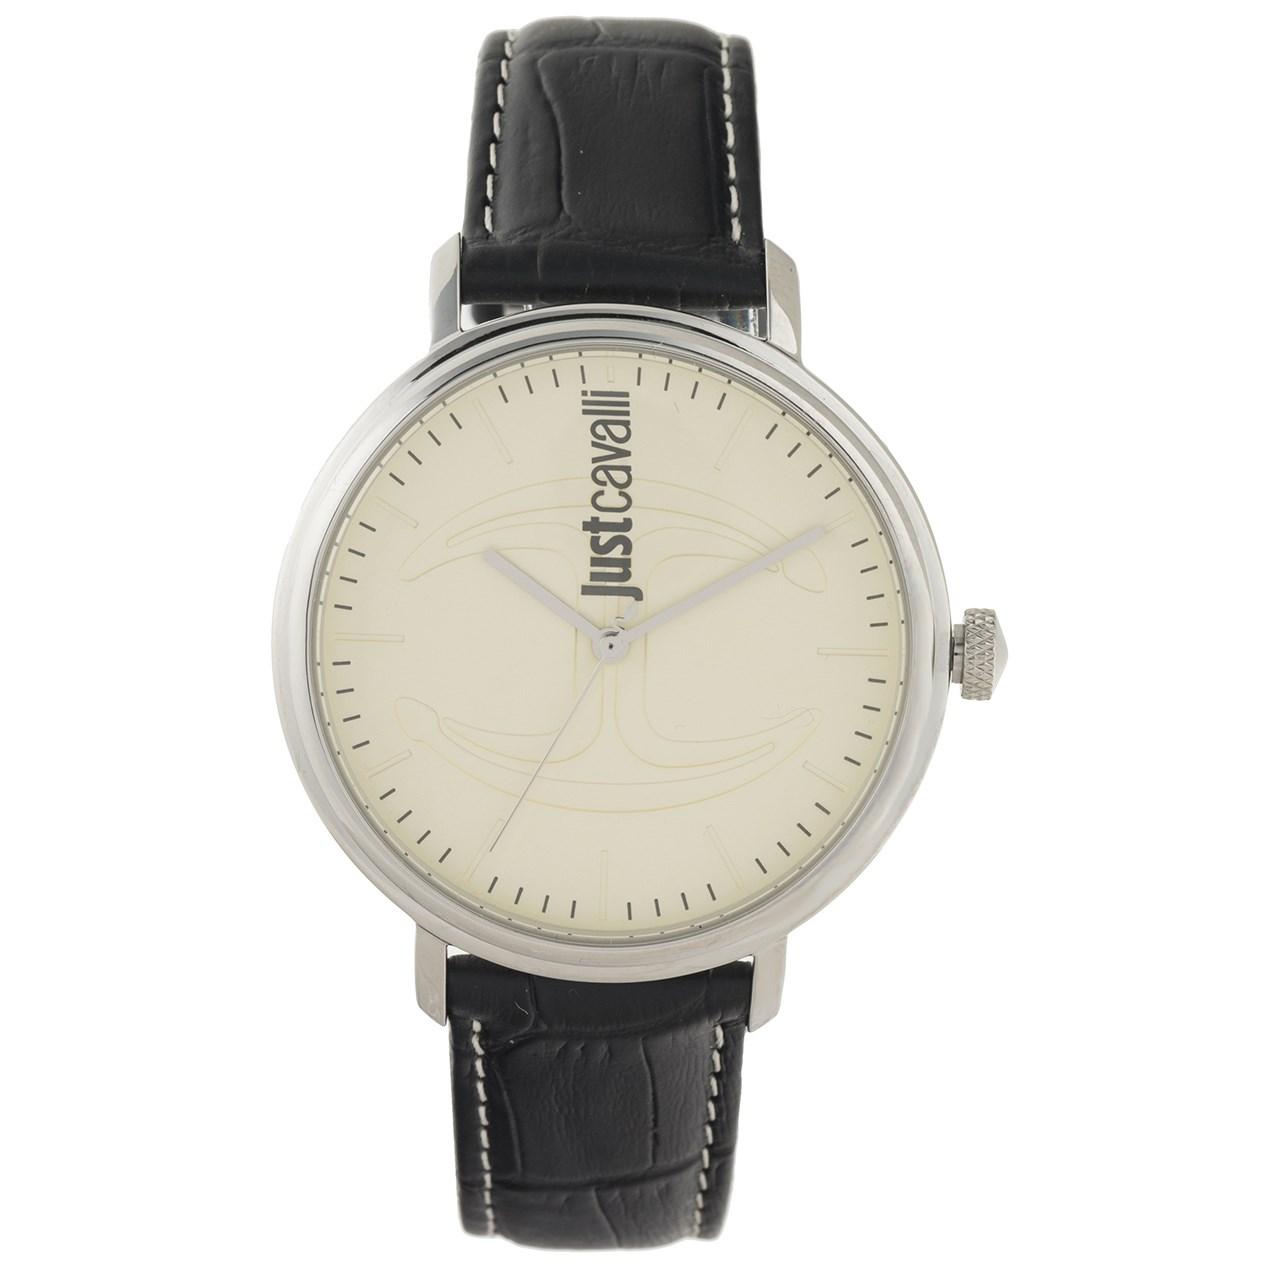 ساعت مچی عقربه ای مردانه جاست کاوالی مدل JC1G012L0025 4